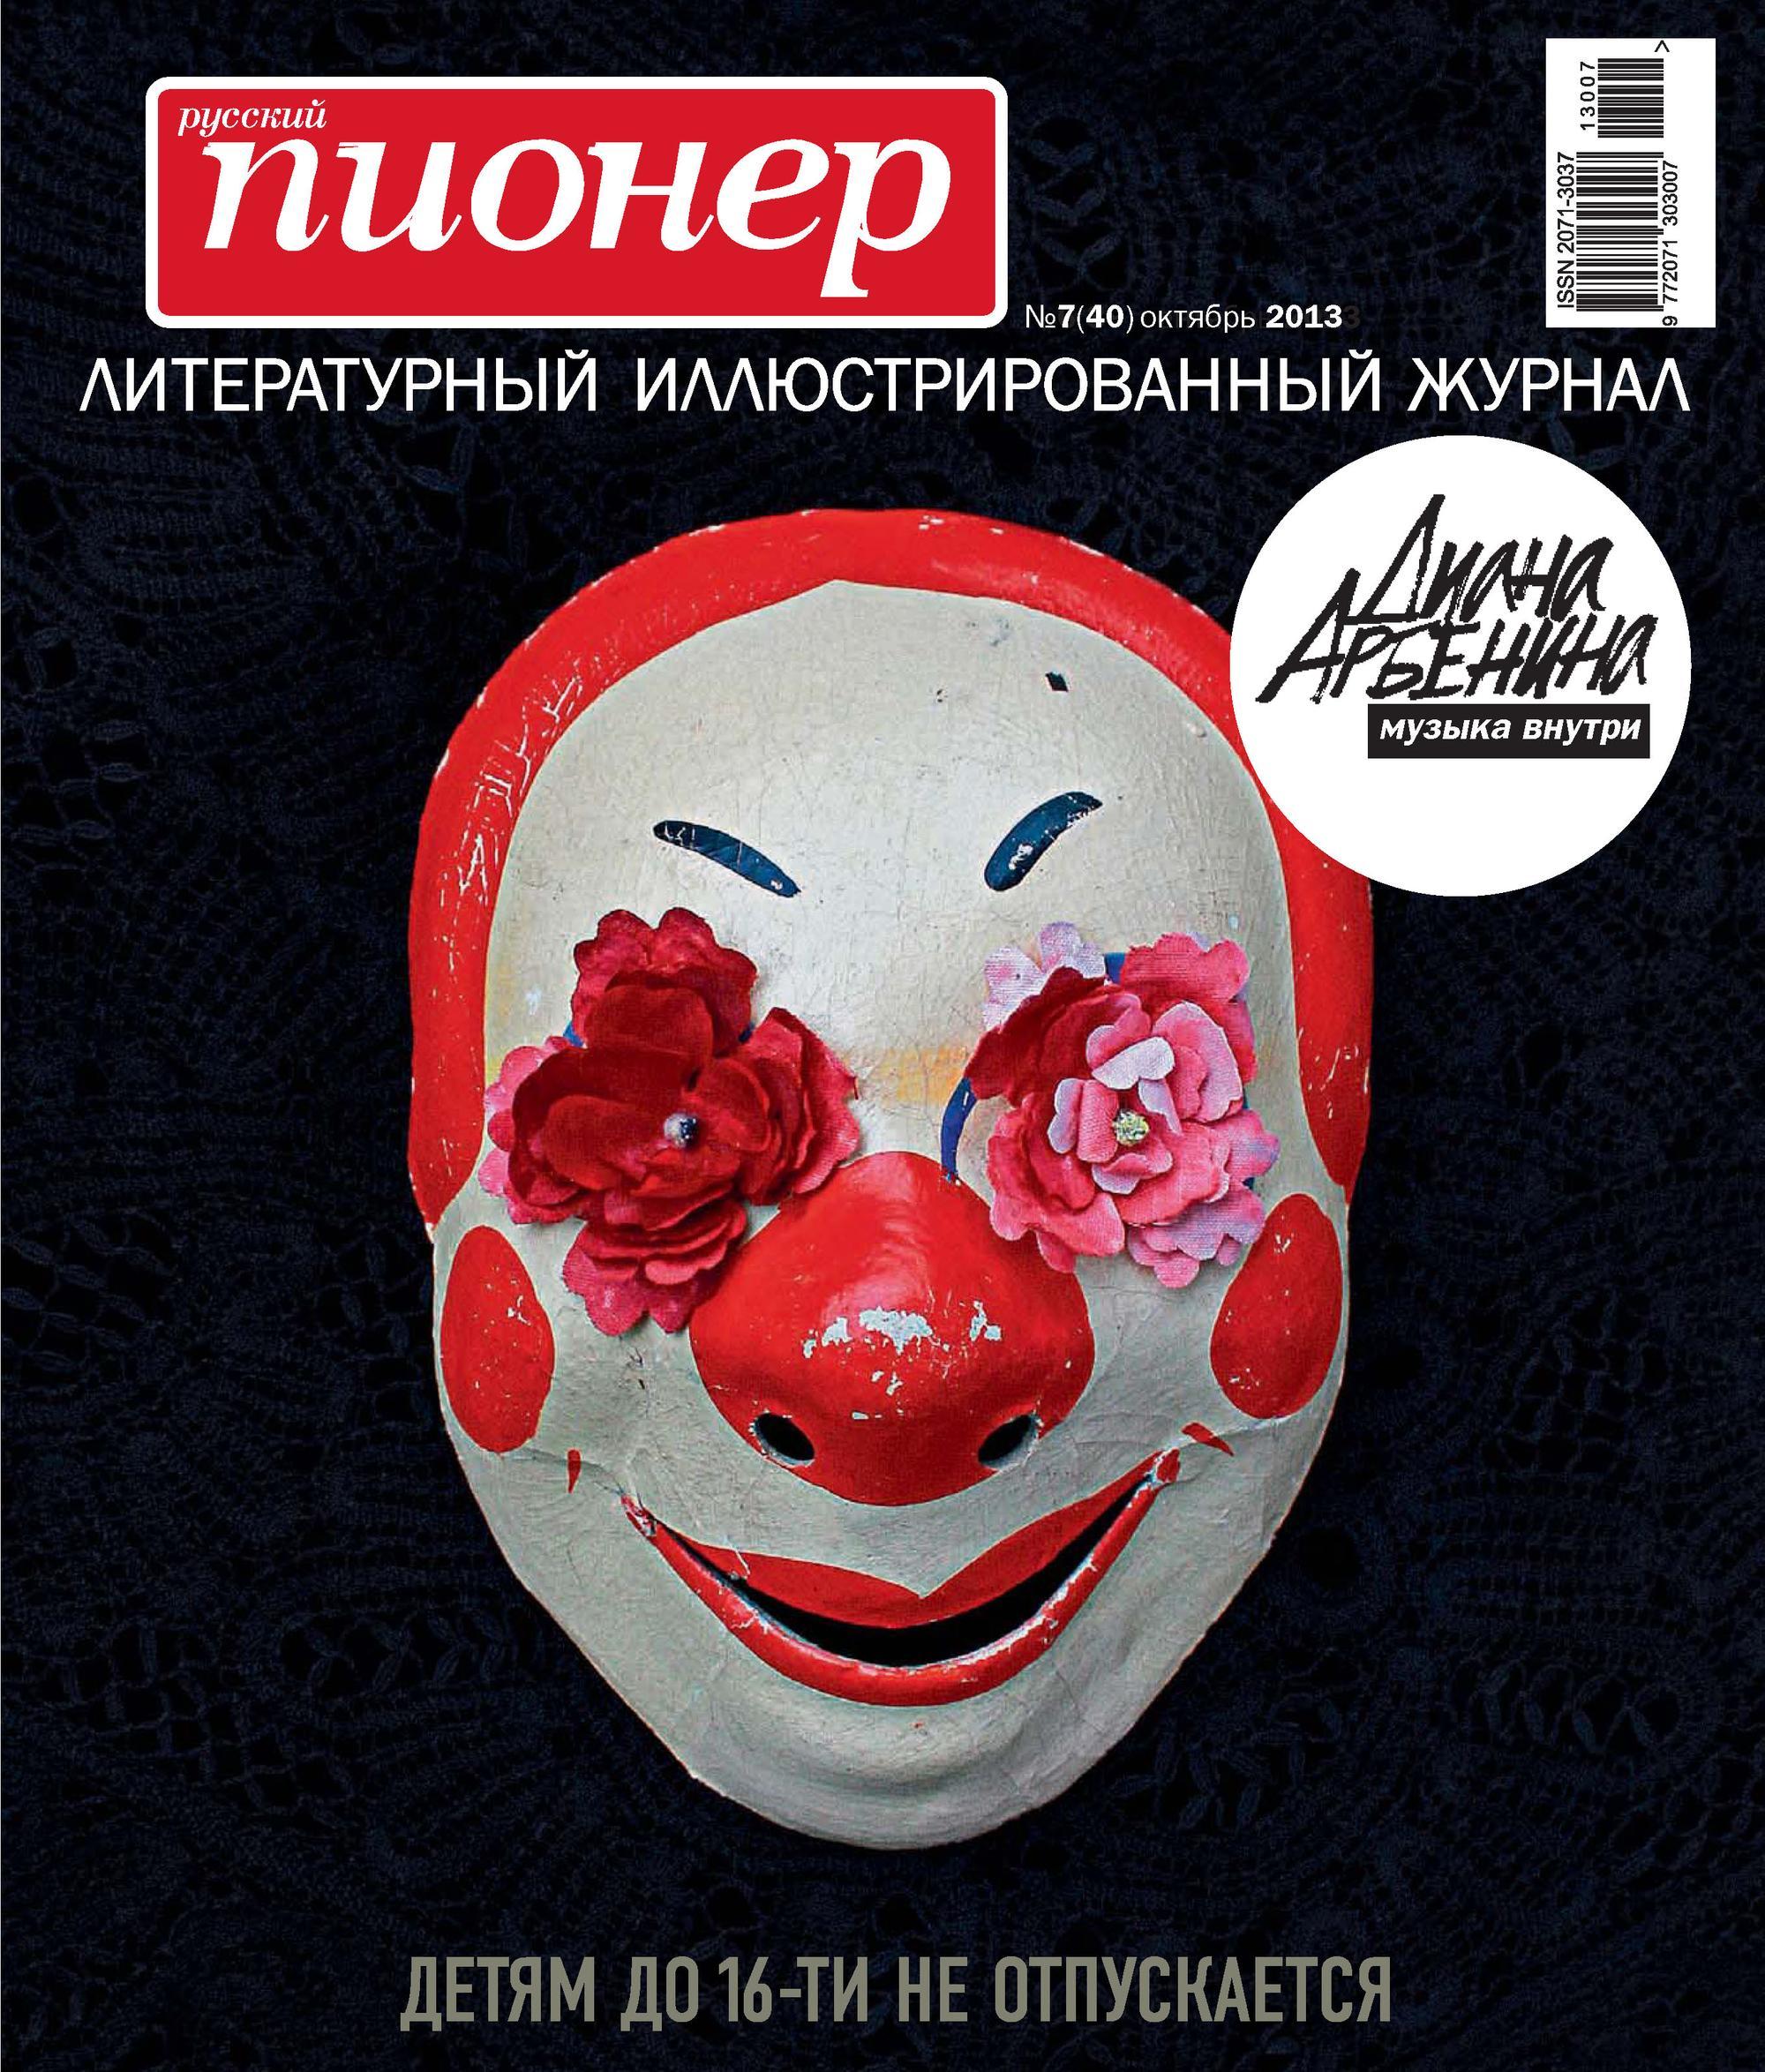 Отсутствует Русский пионер №7 (40), октябрь 2013 отсутствует русский пионер 7 76 октябрь 2017